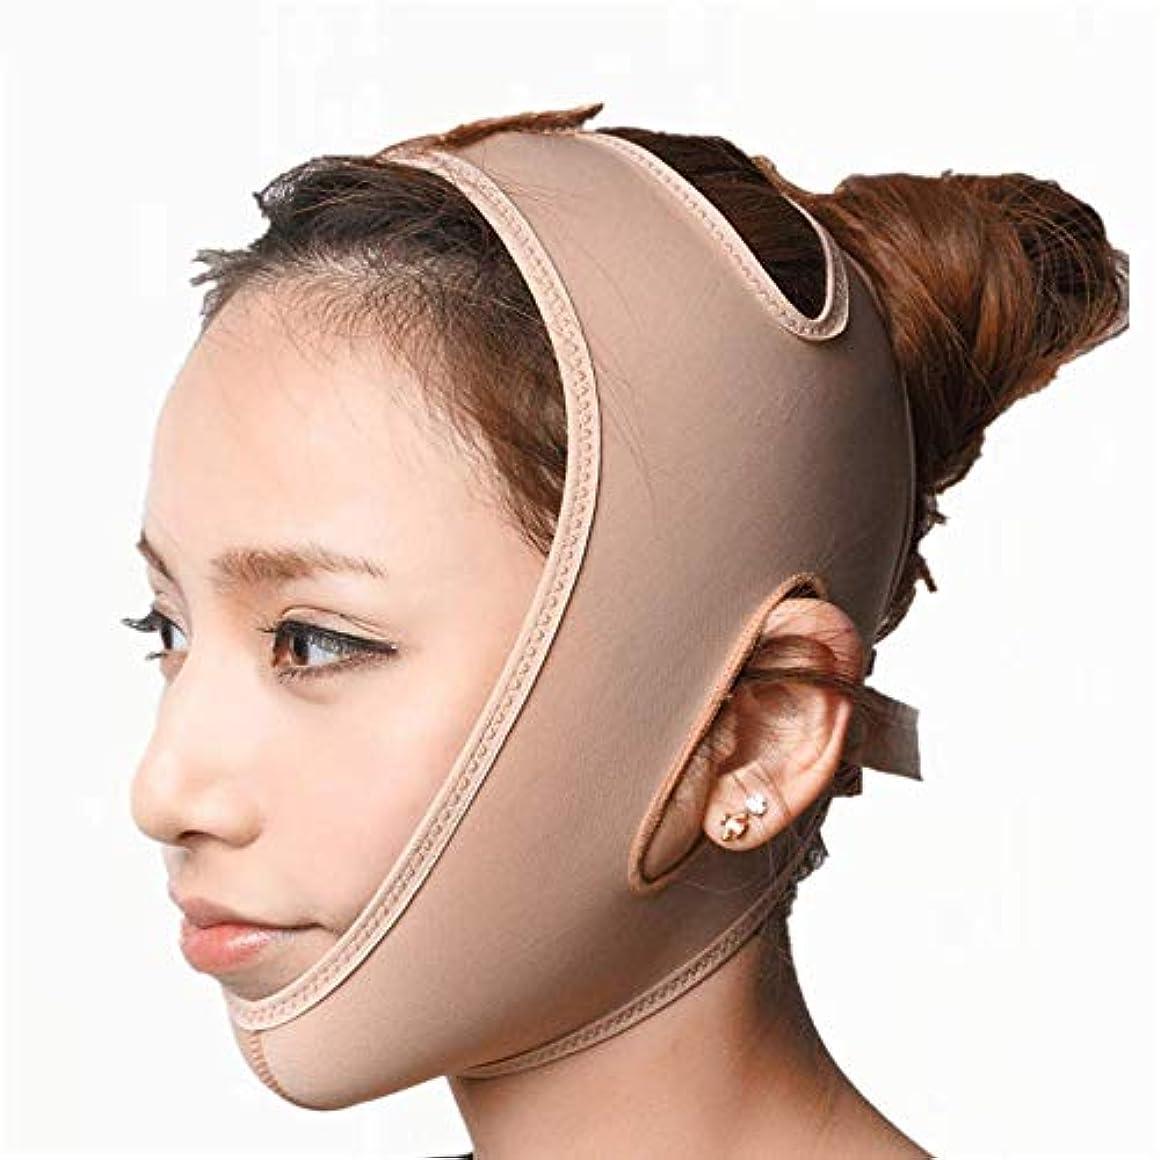 発揮するどのくらいの頻度で植生薄い顔ベルト薄い顔アーティファクトVフェイス包帯マスクフェイシャルマッサージシンダブルチンデバイス